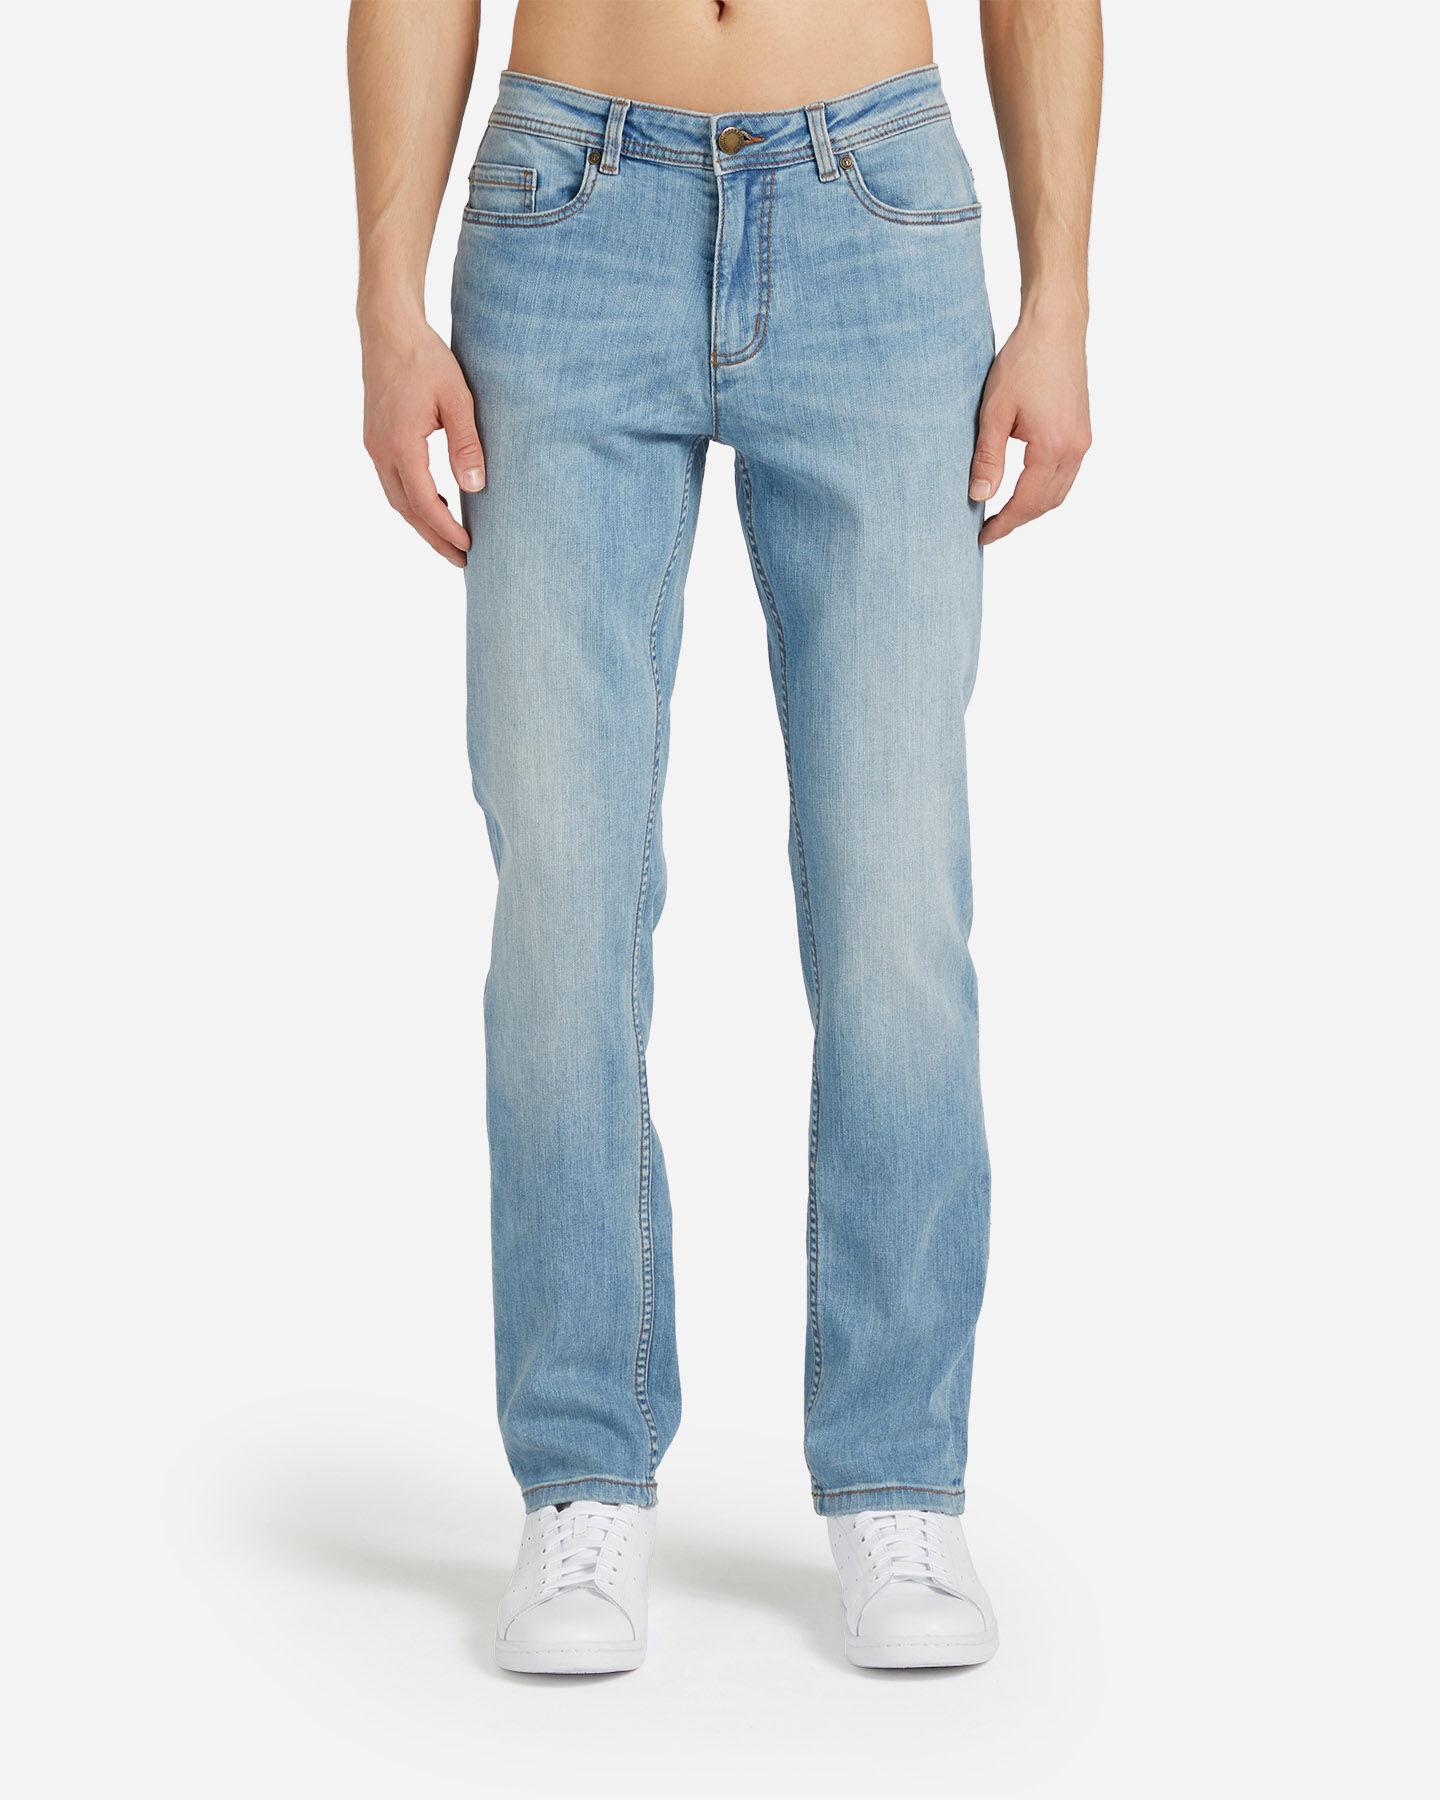 Jeans DACK'S SLIM M S4086878 scatto 0